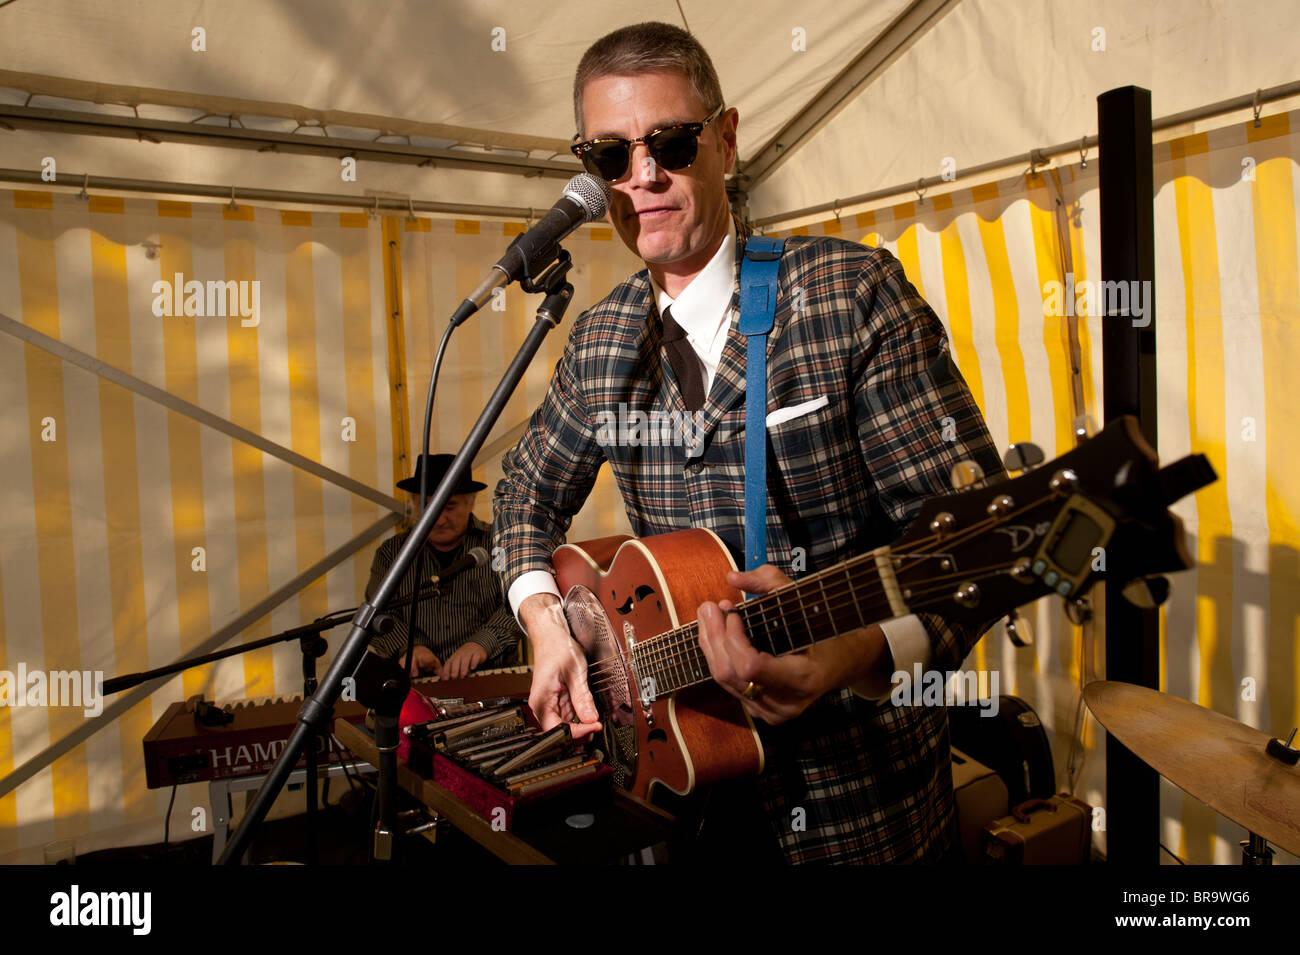 Un hombre fresco con gafas de sol jugando un semi guitarra acústica en una banda, REINO UNIDO Imagen De Stock